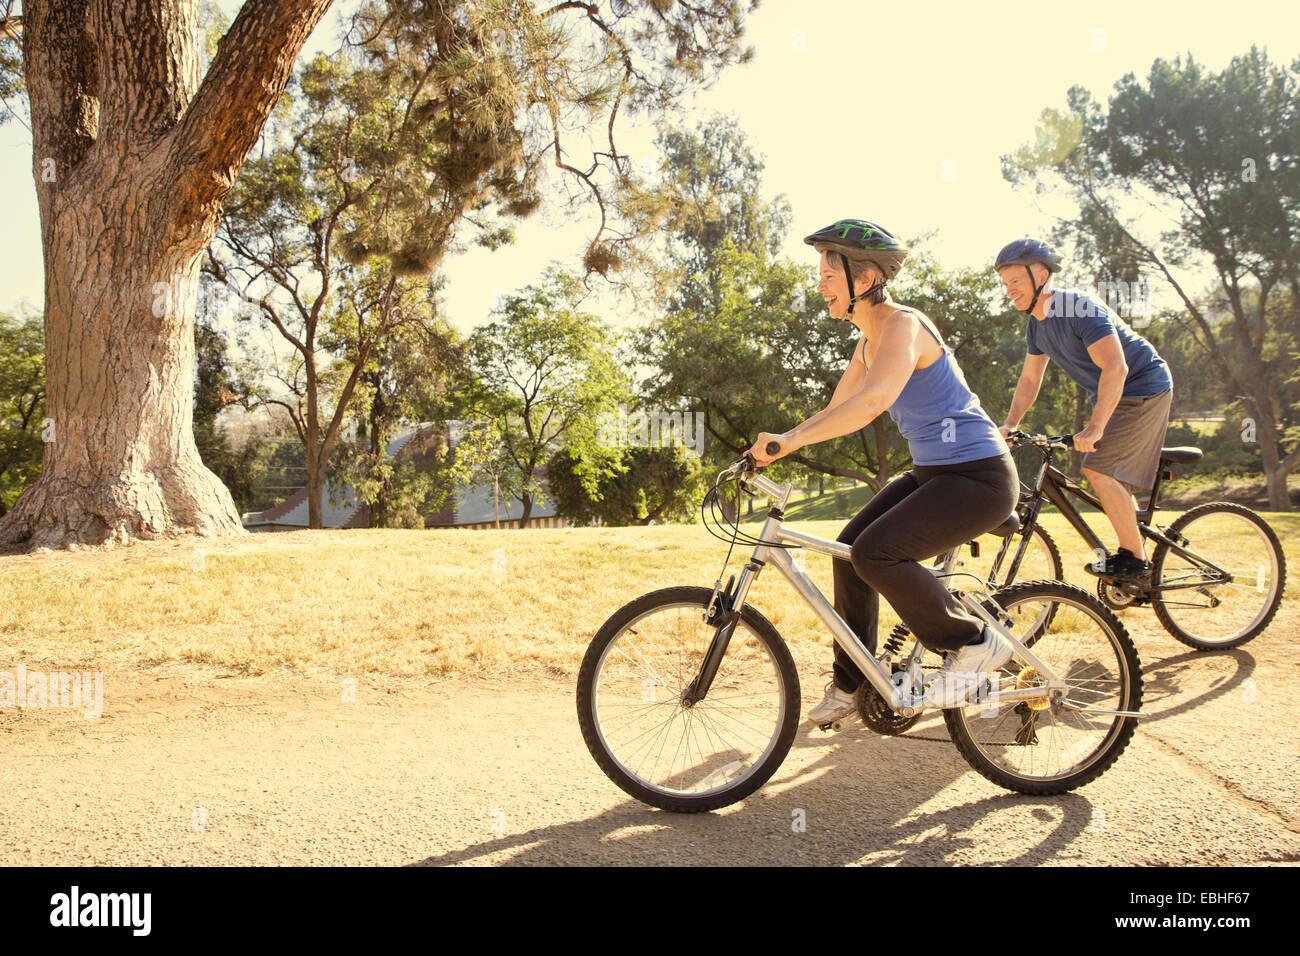 Pareja de ciclismo en el parque Imagen De Stock